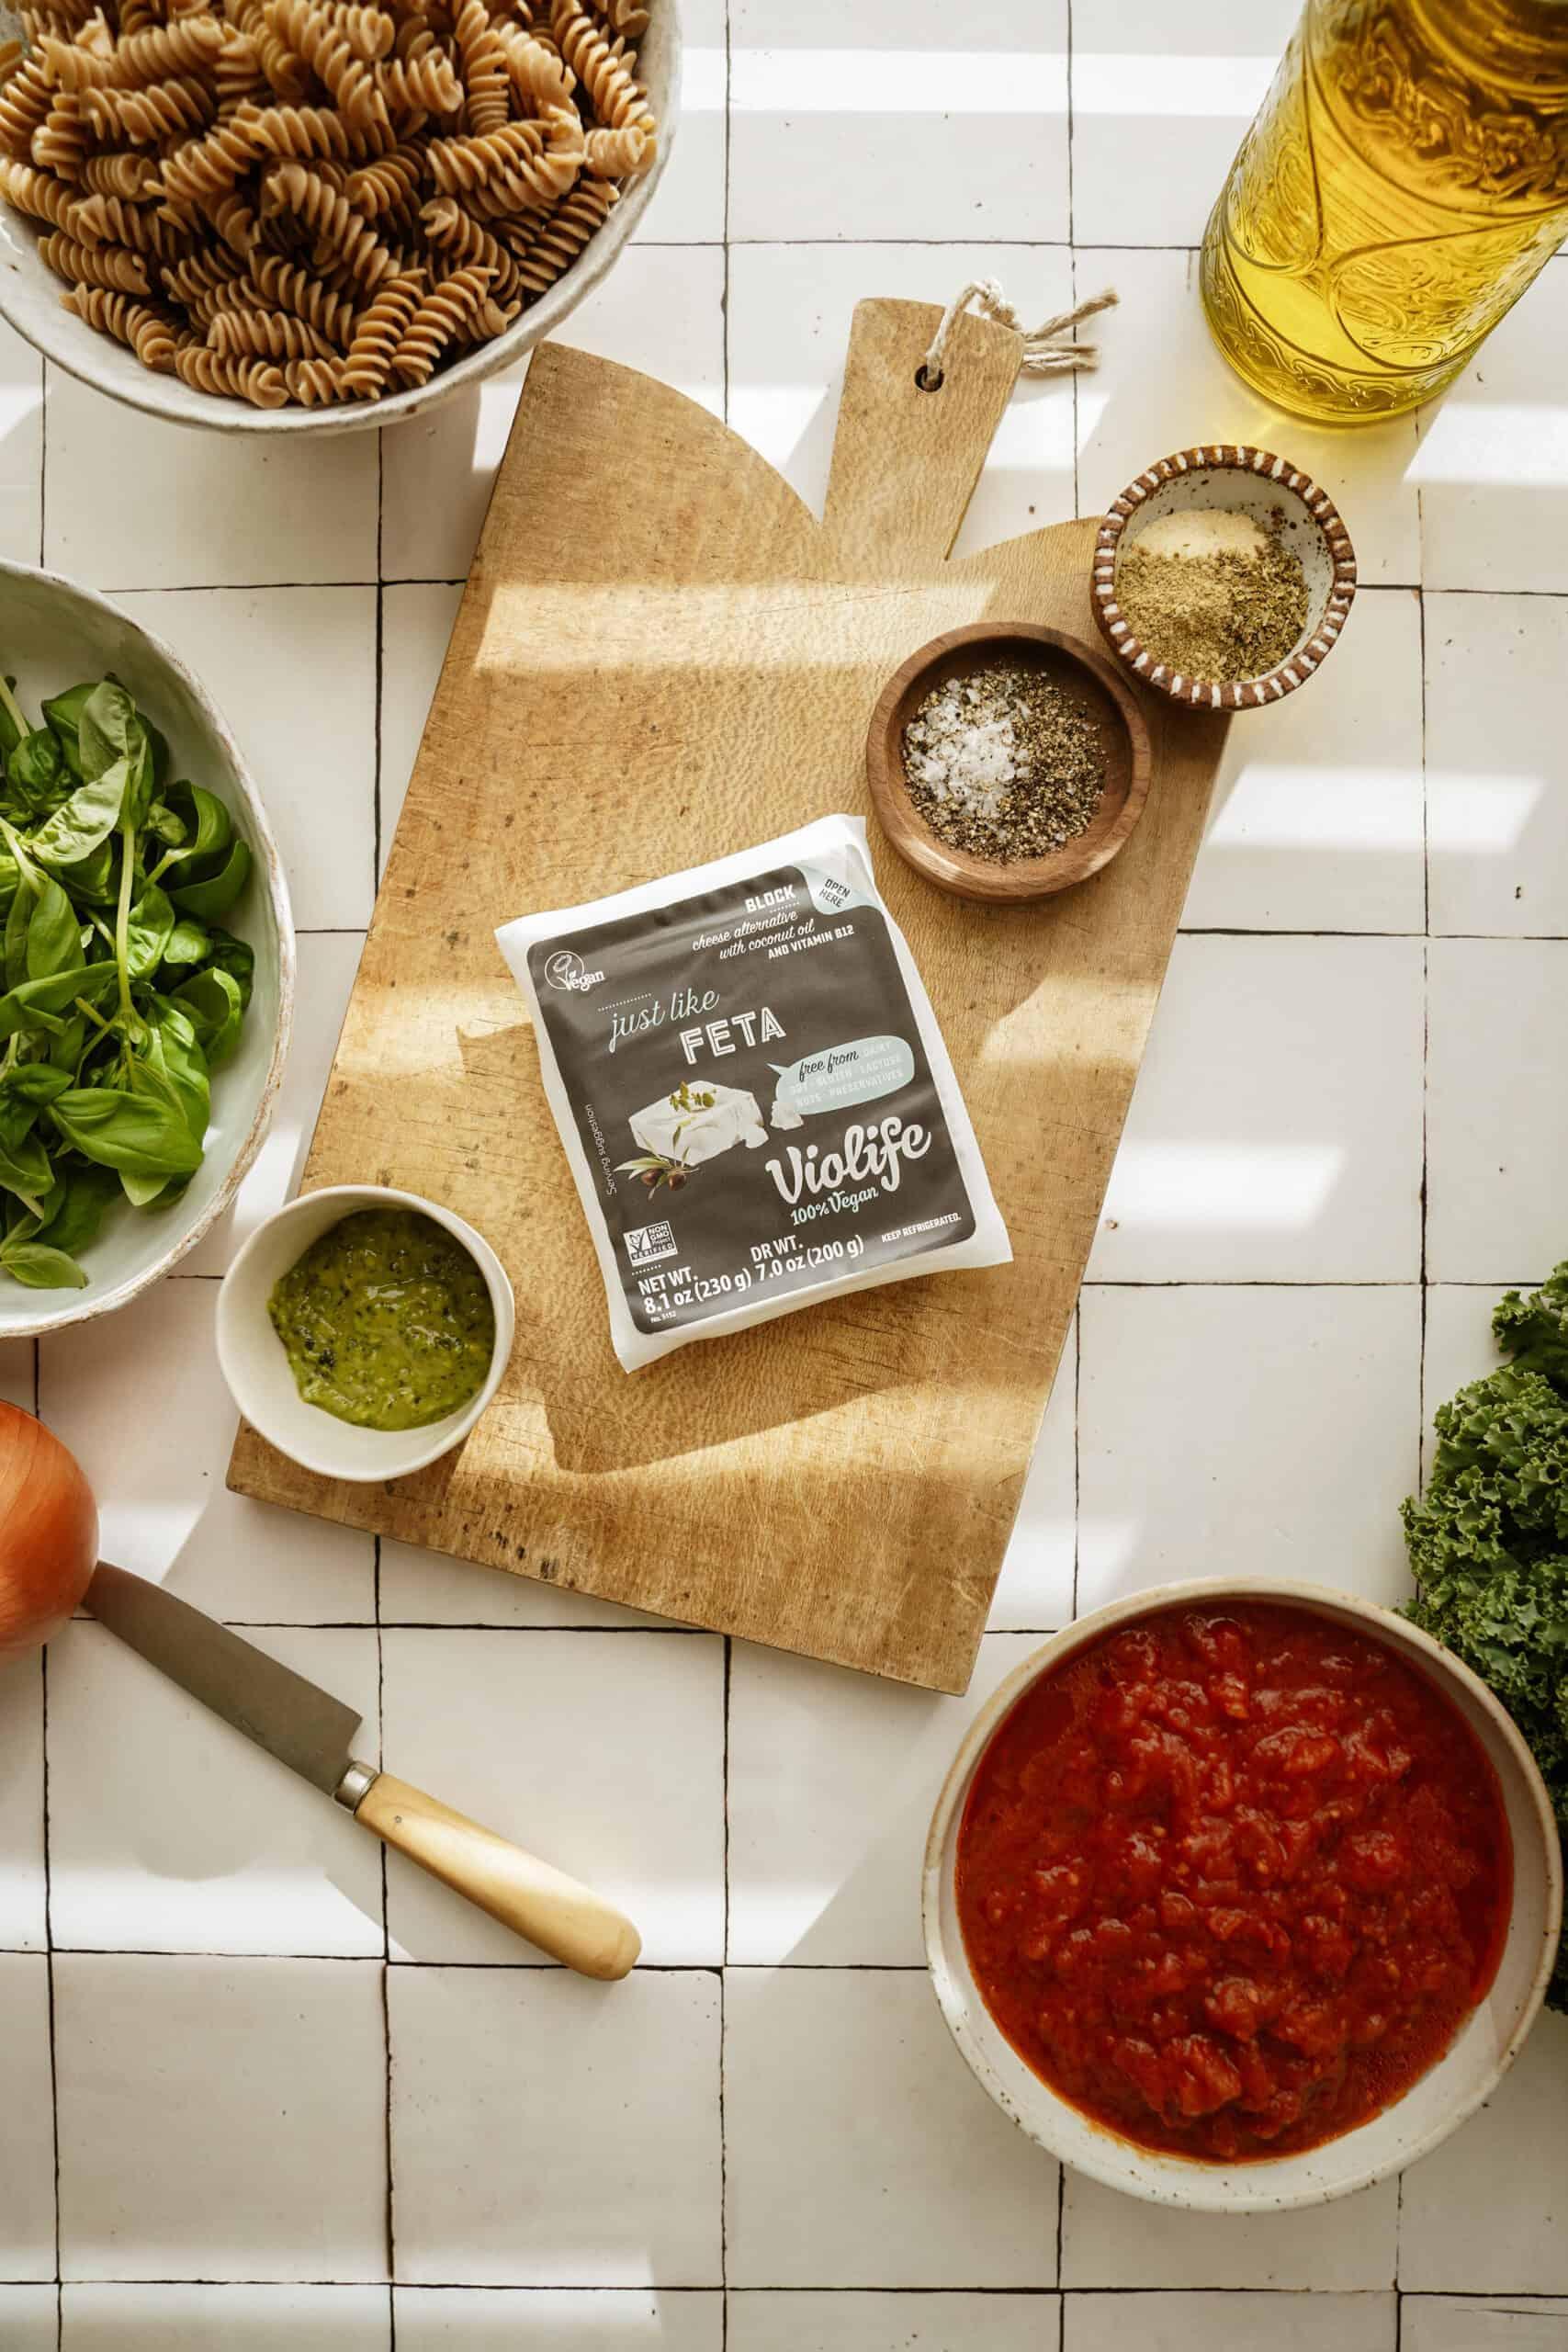 Ingredients for pesto pasta bake